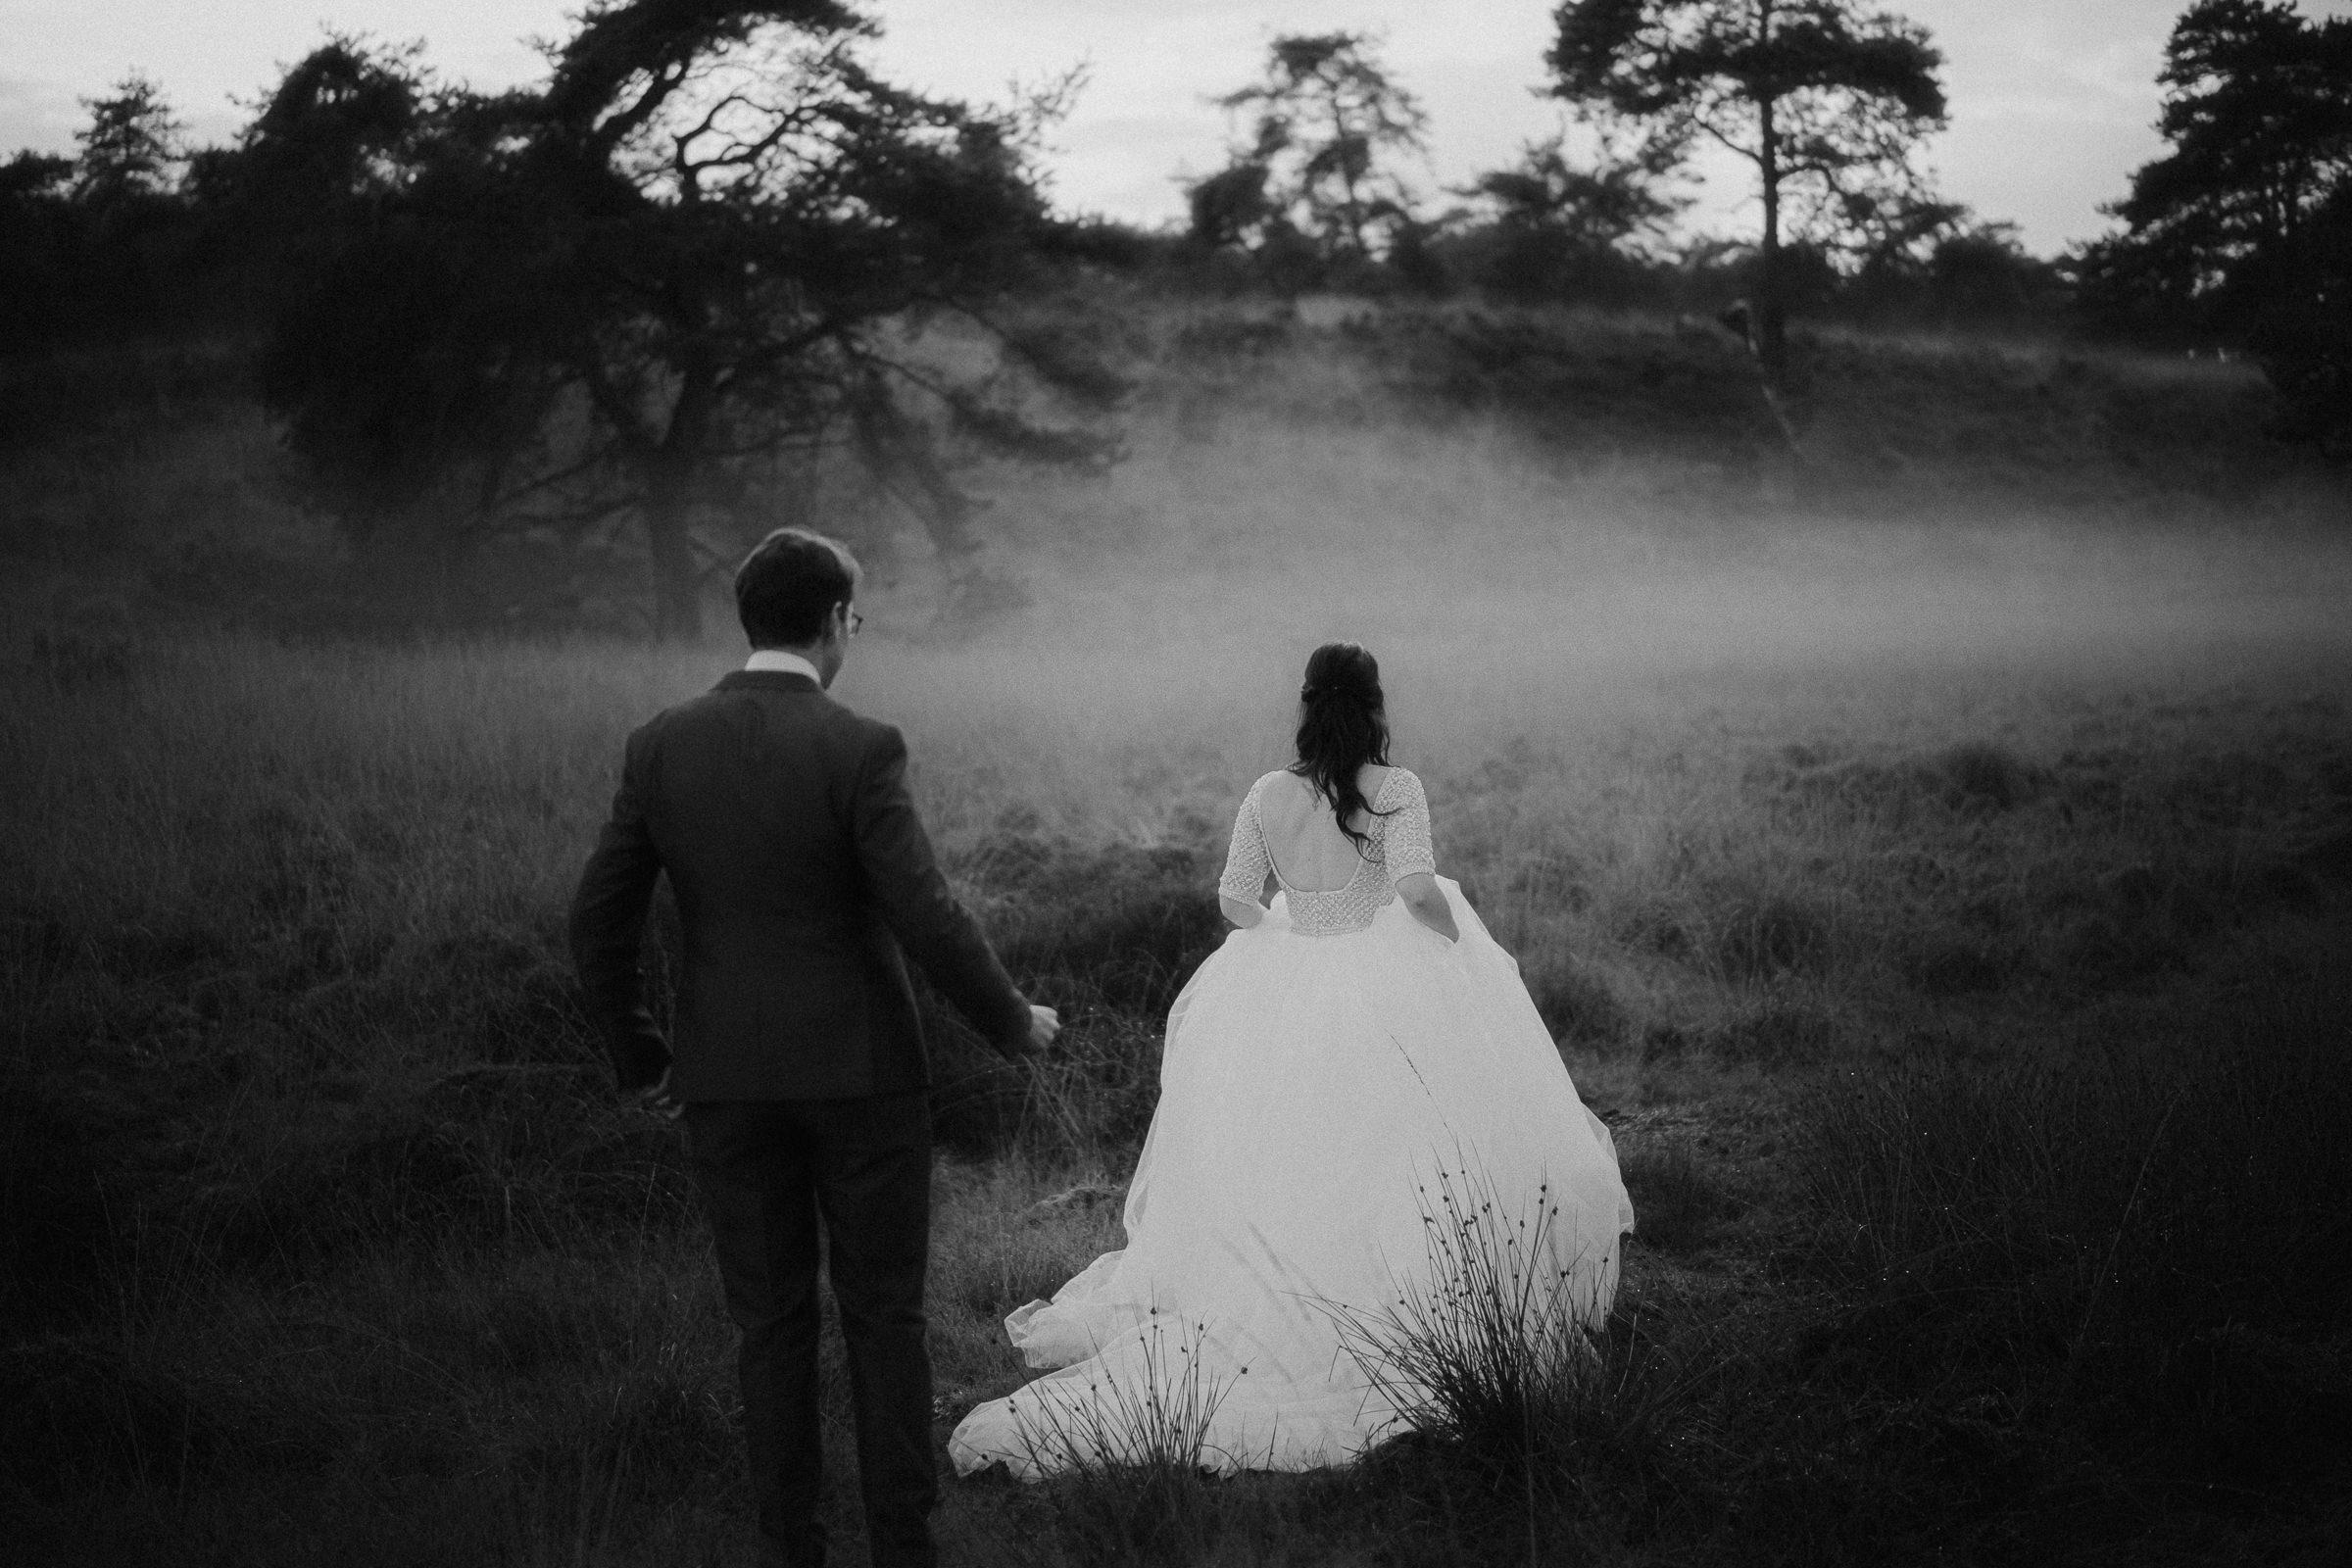 couple-in-foggy-field-naomi-van-der-kraan